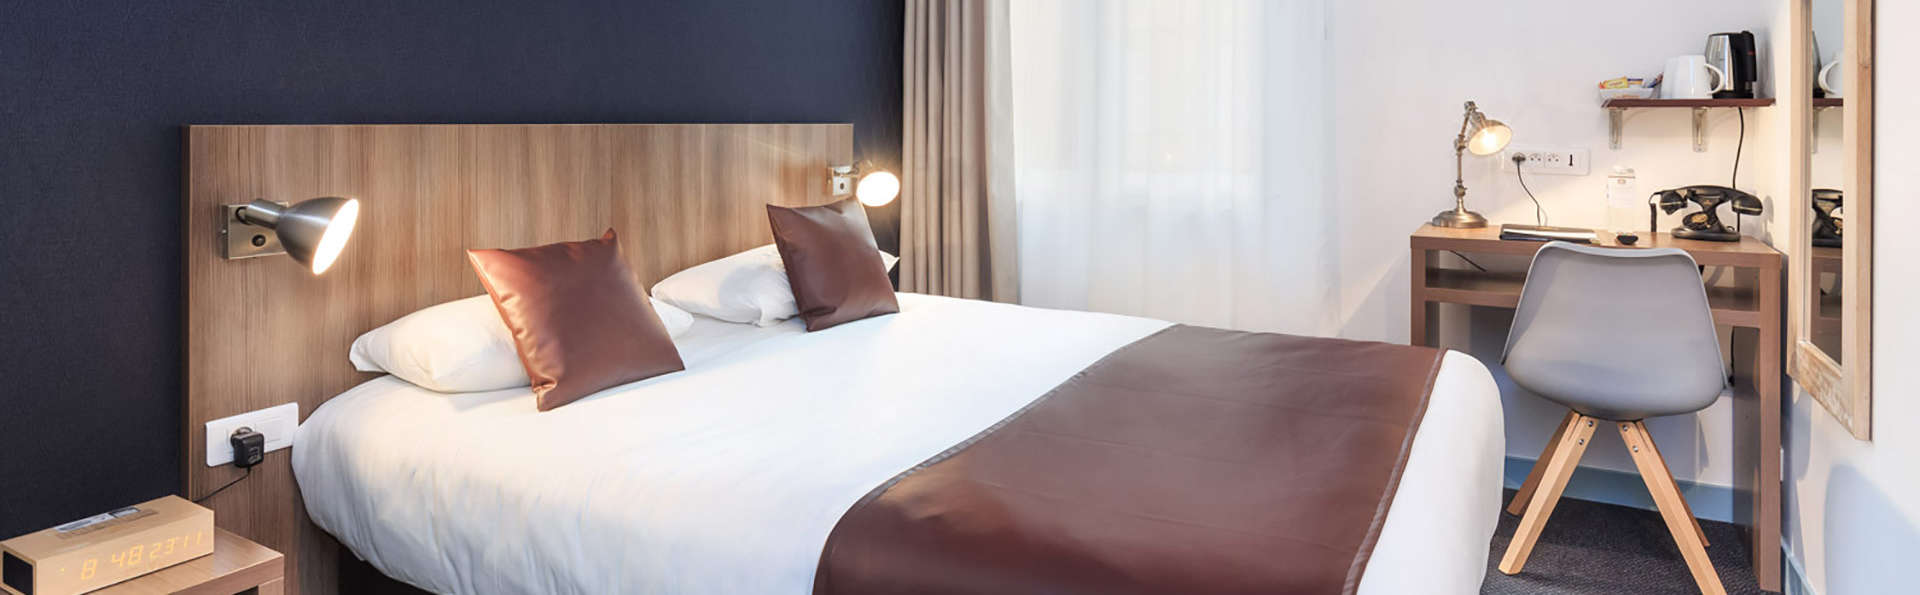 Best Western Hôtel Innès  - EDIT_room2.jpg